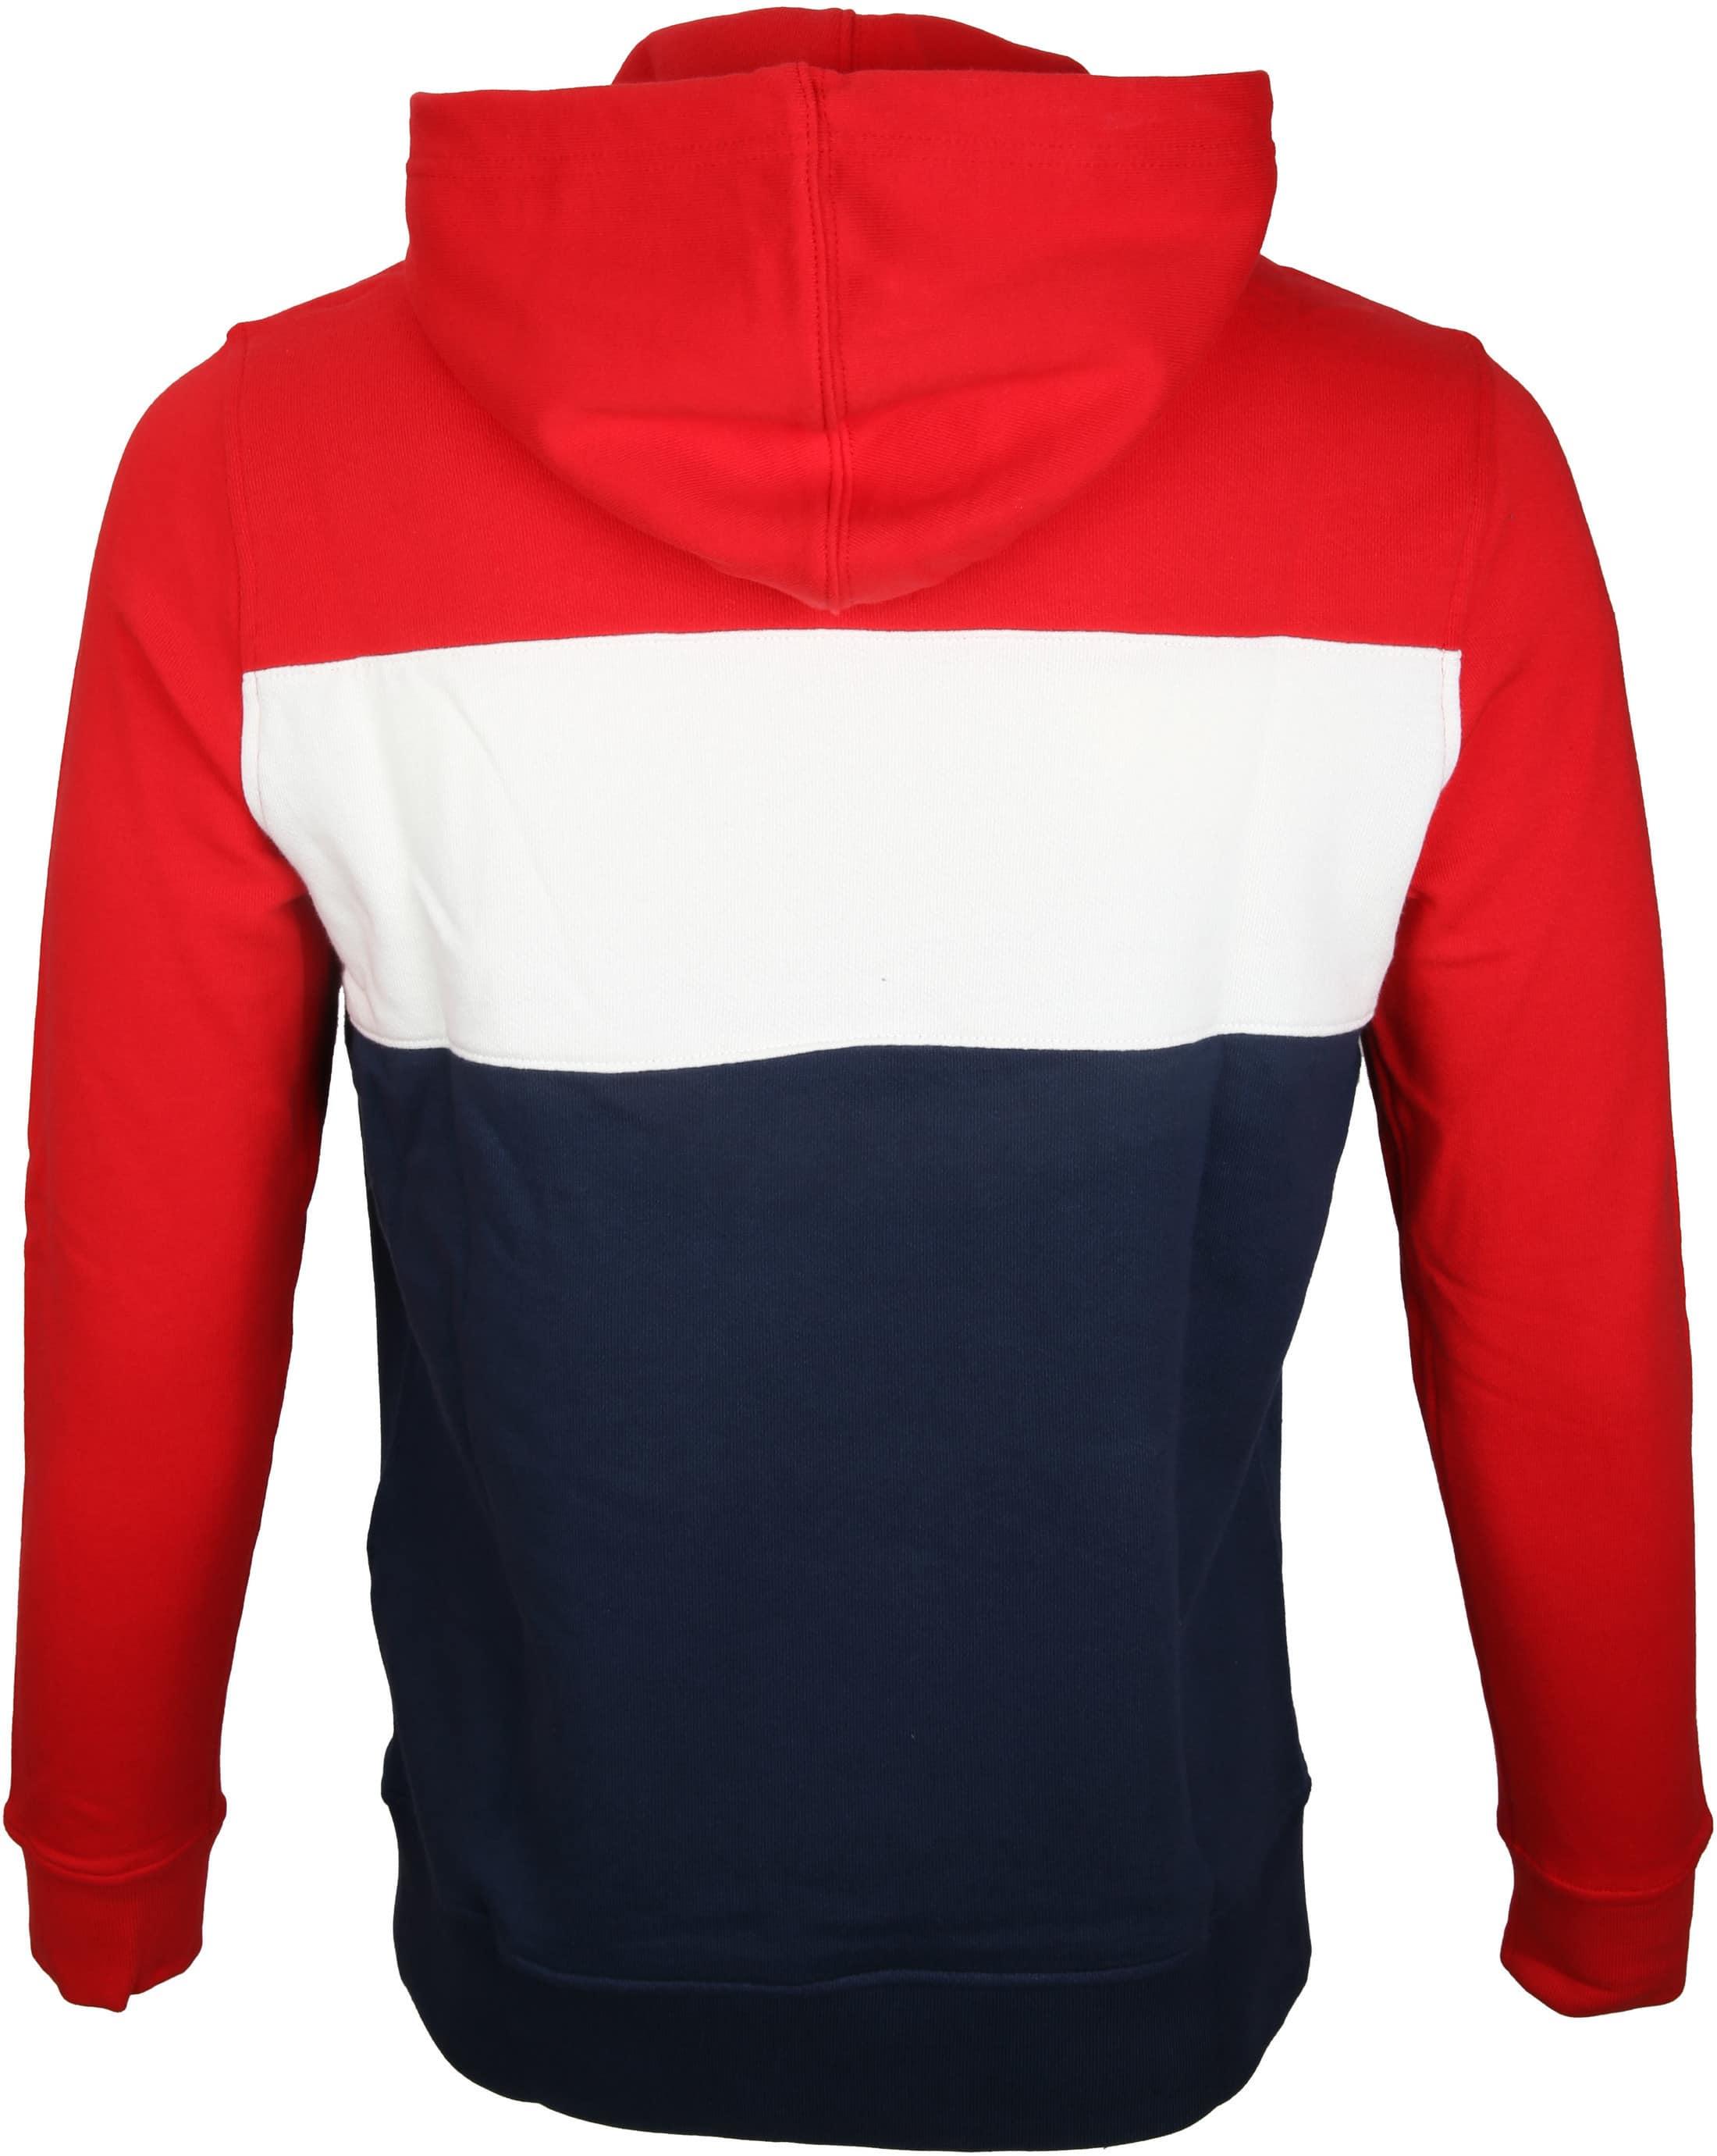 Levi's Sweater Colorblock foto 3